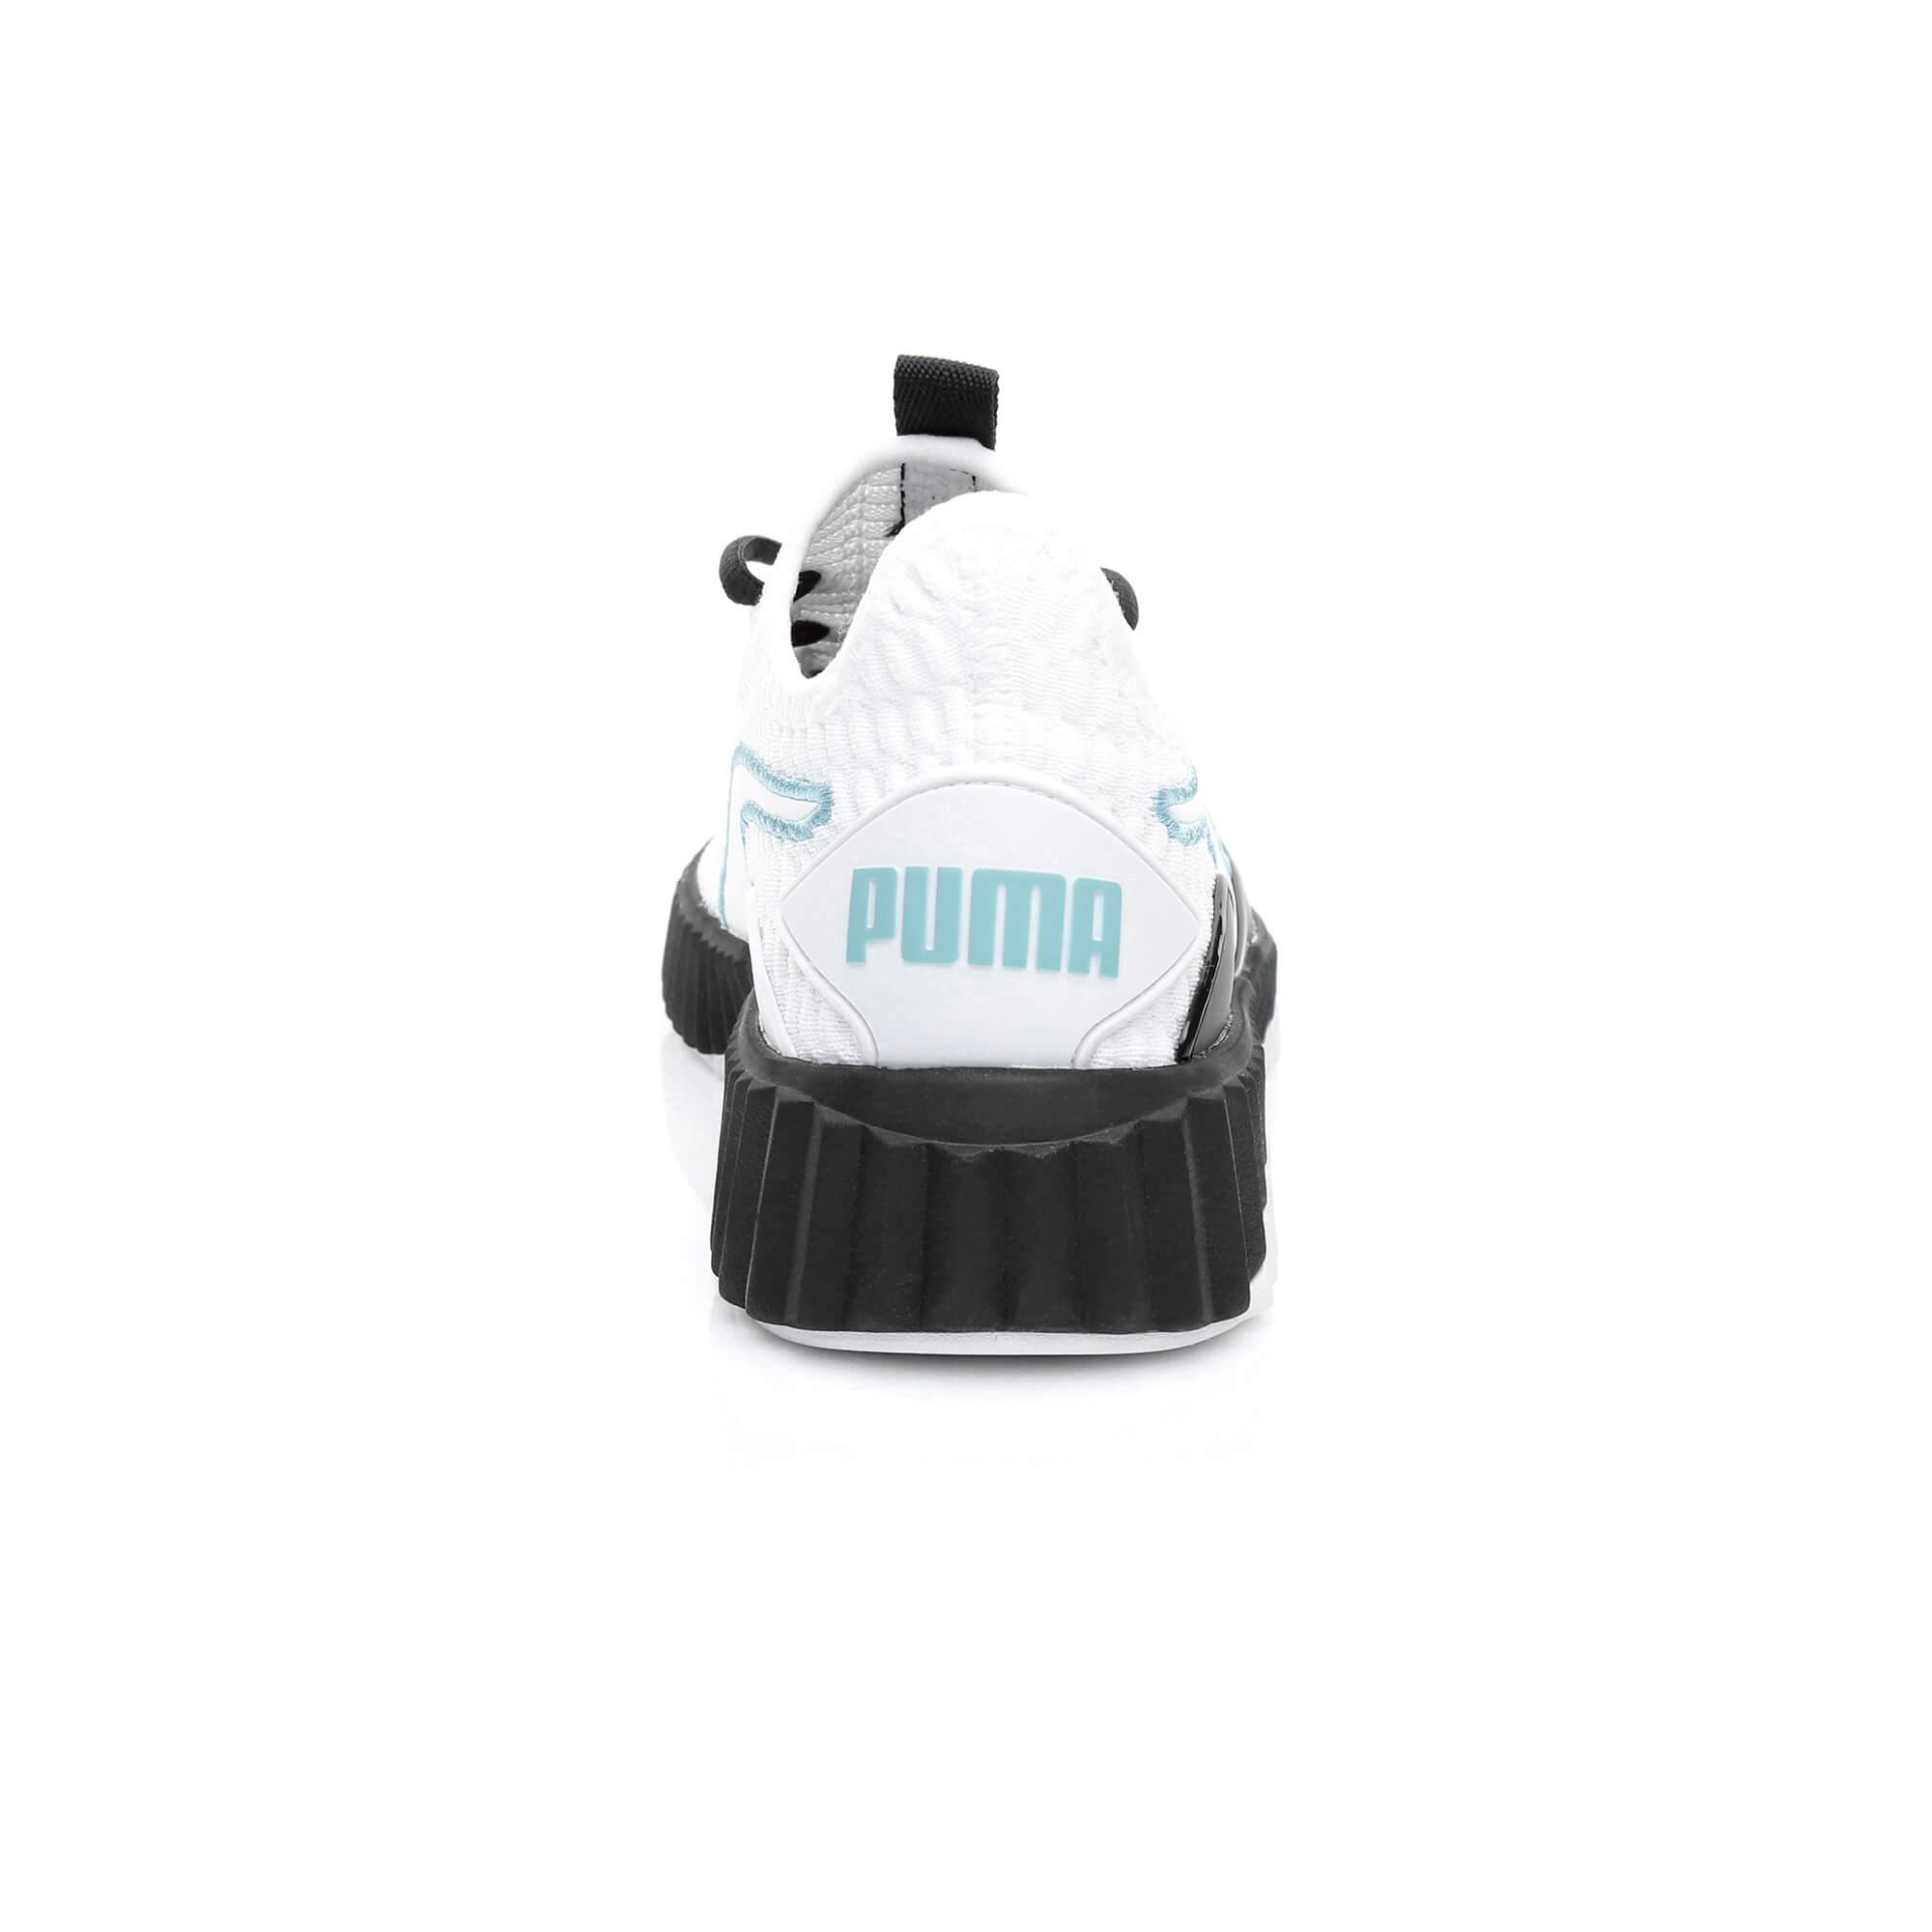 Puma Defy Kadın Beyaz Spor Ayakkabı